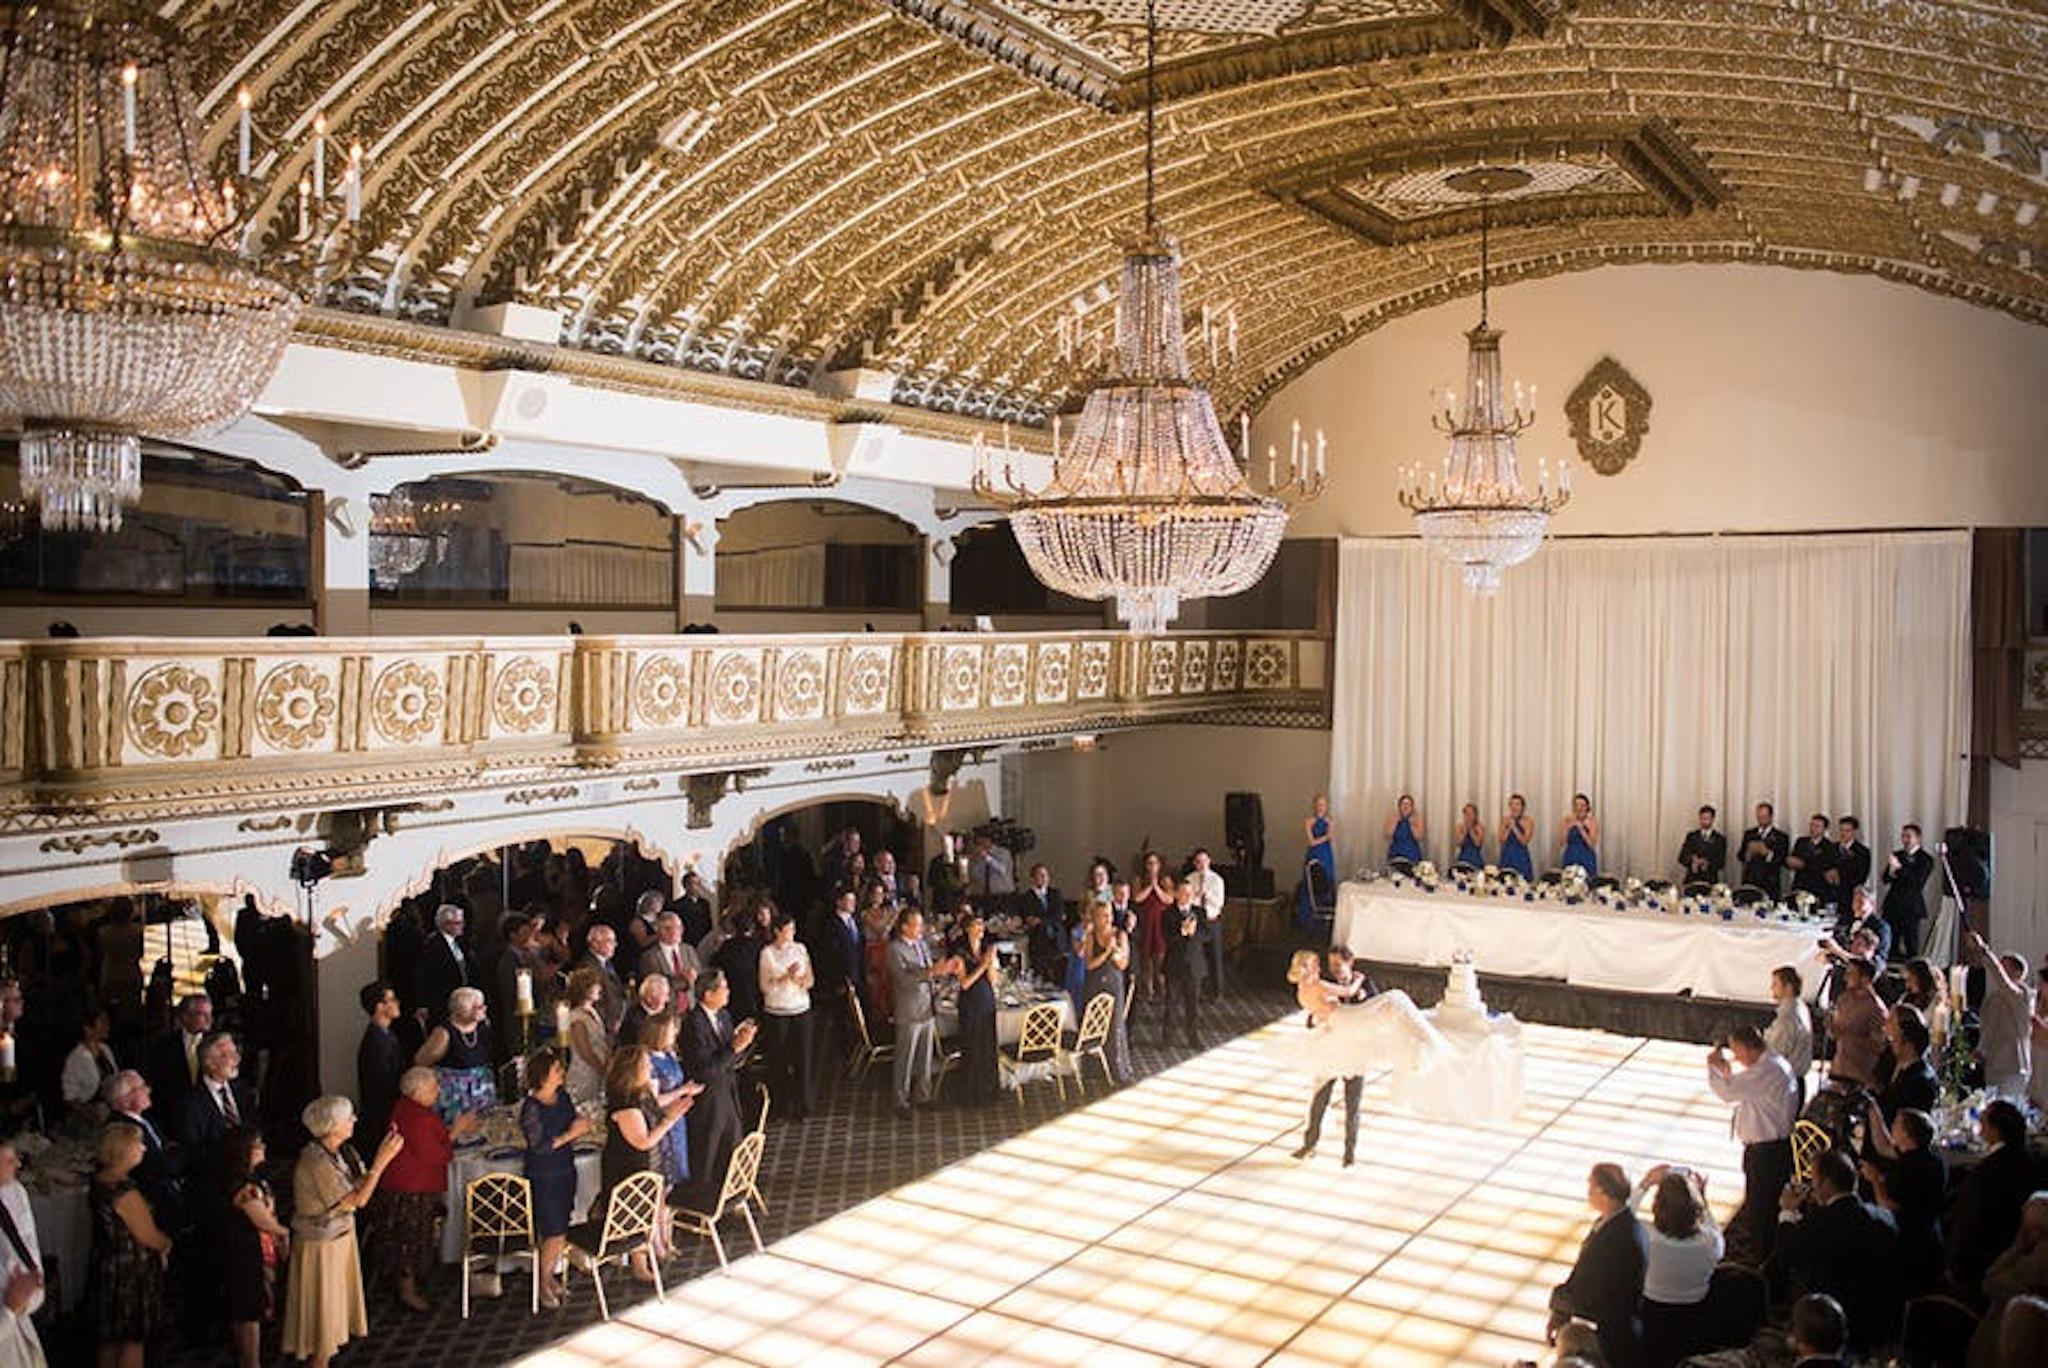 an expansive ballroom overlooks a wedding